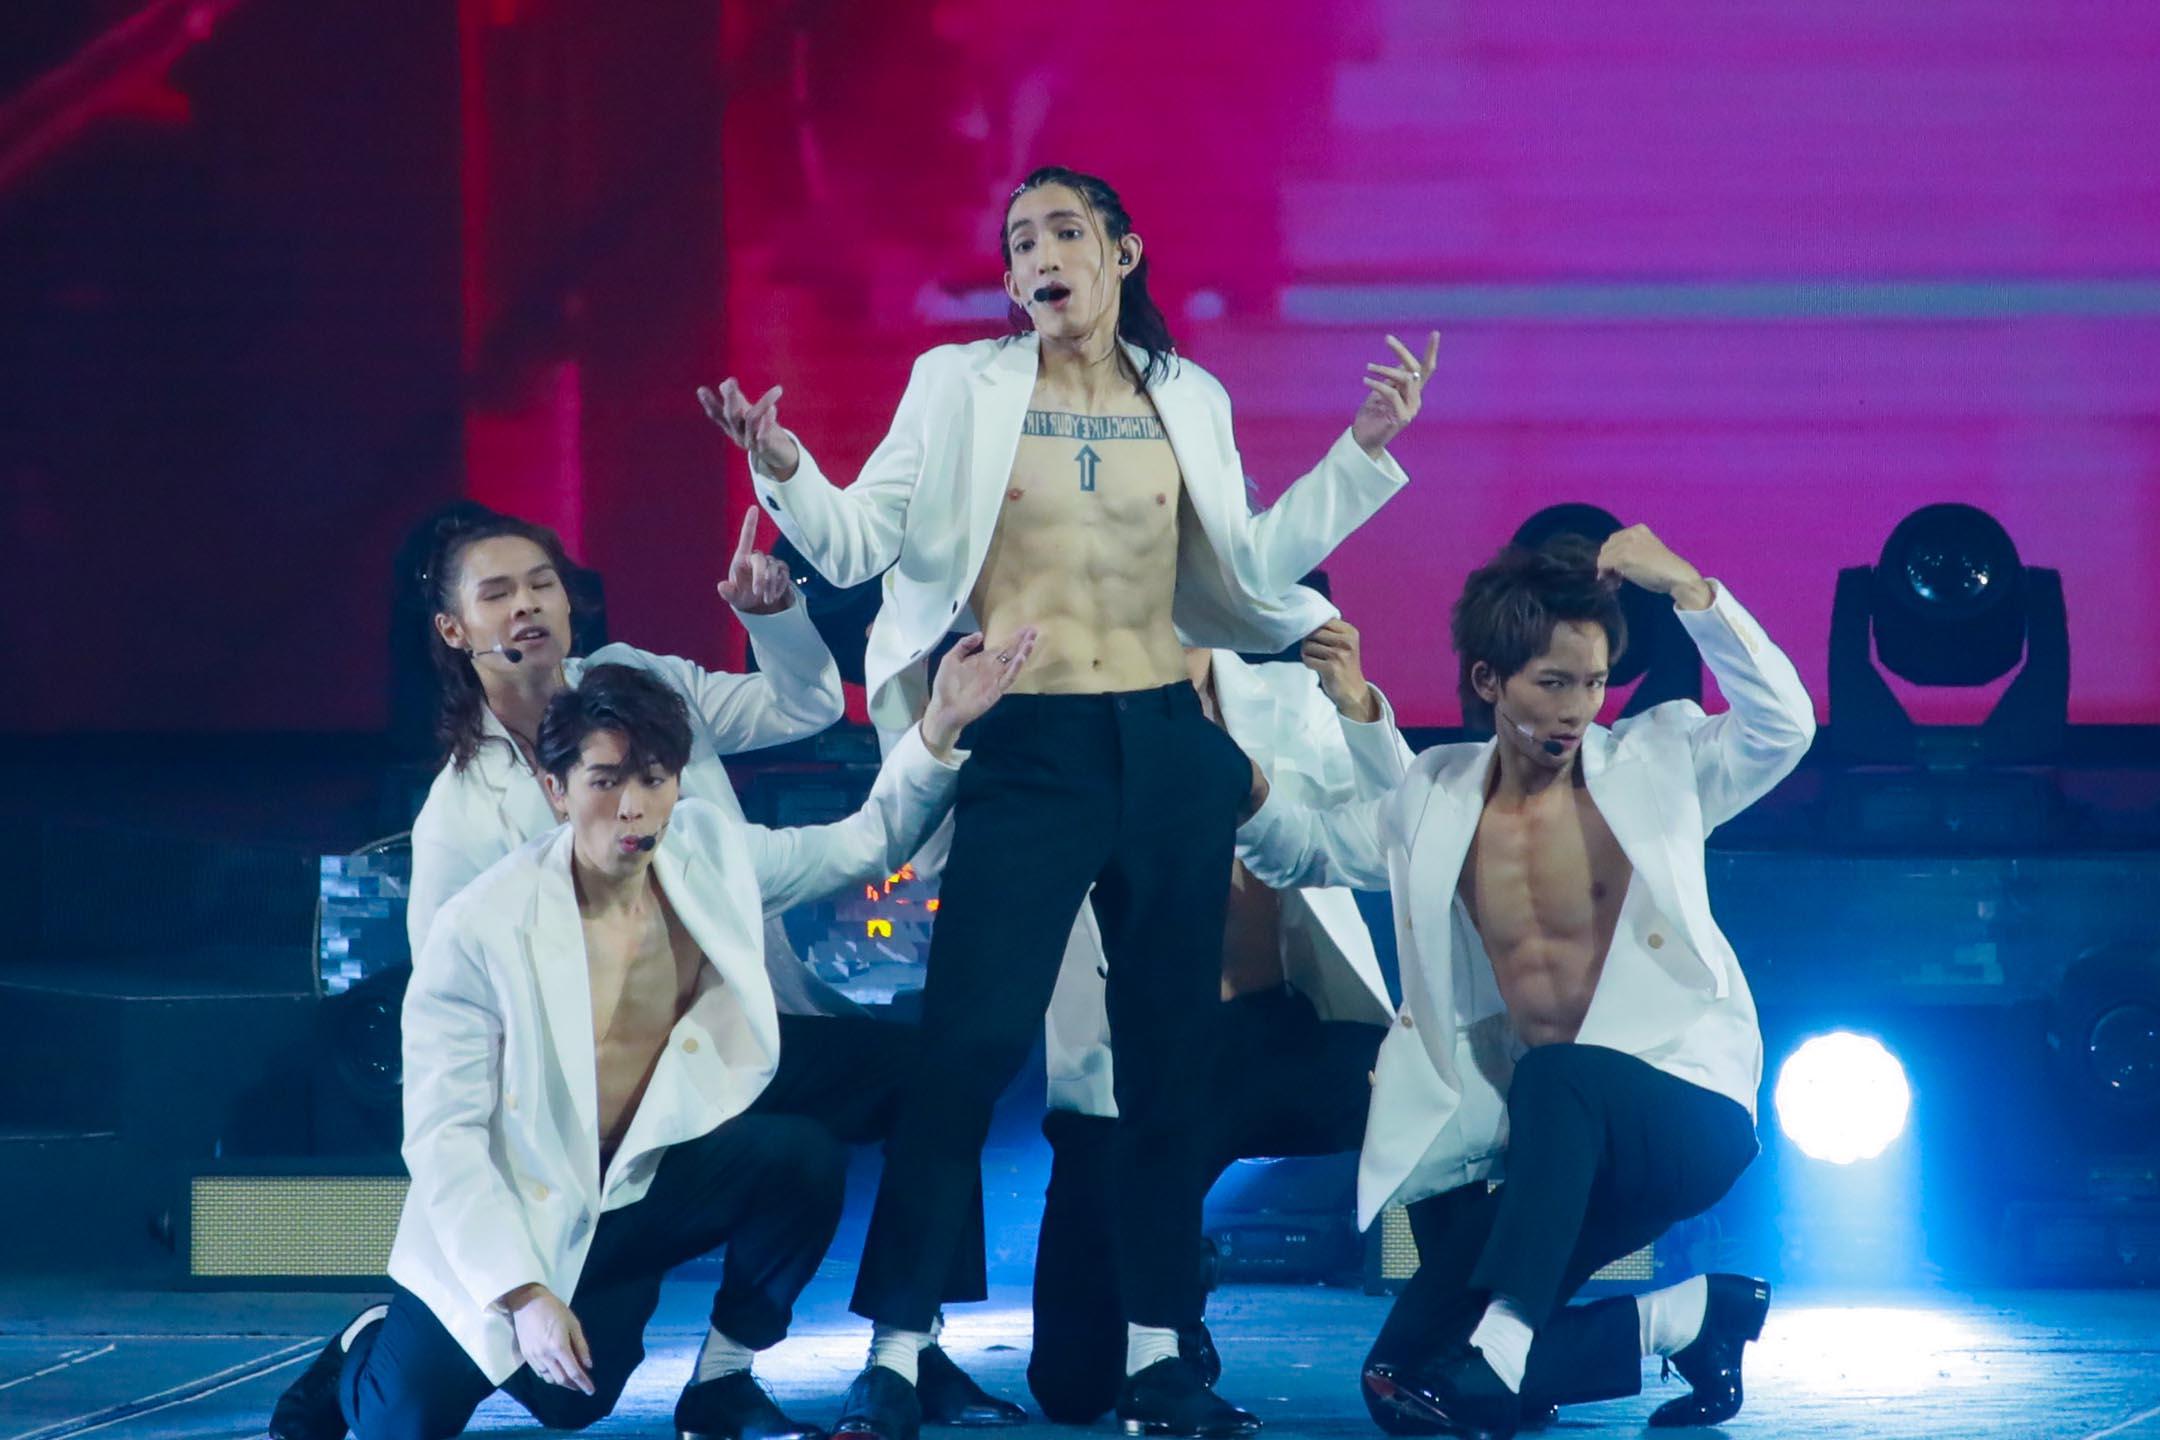 2021年5月11日香港,Mirror的成員在演唱會舞台上。 圖:VCG via Getty Images